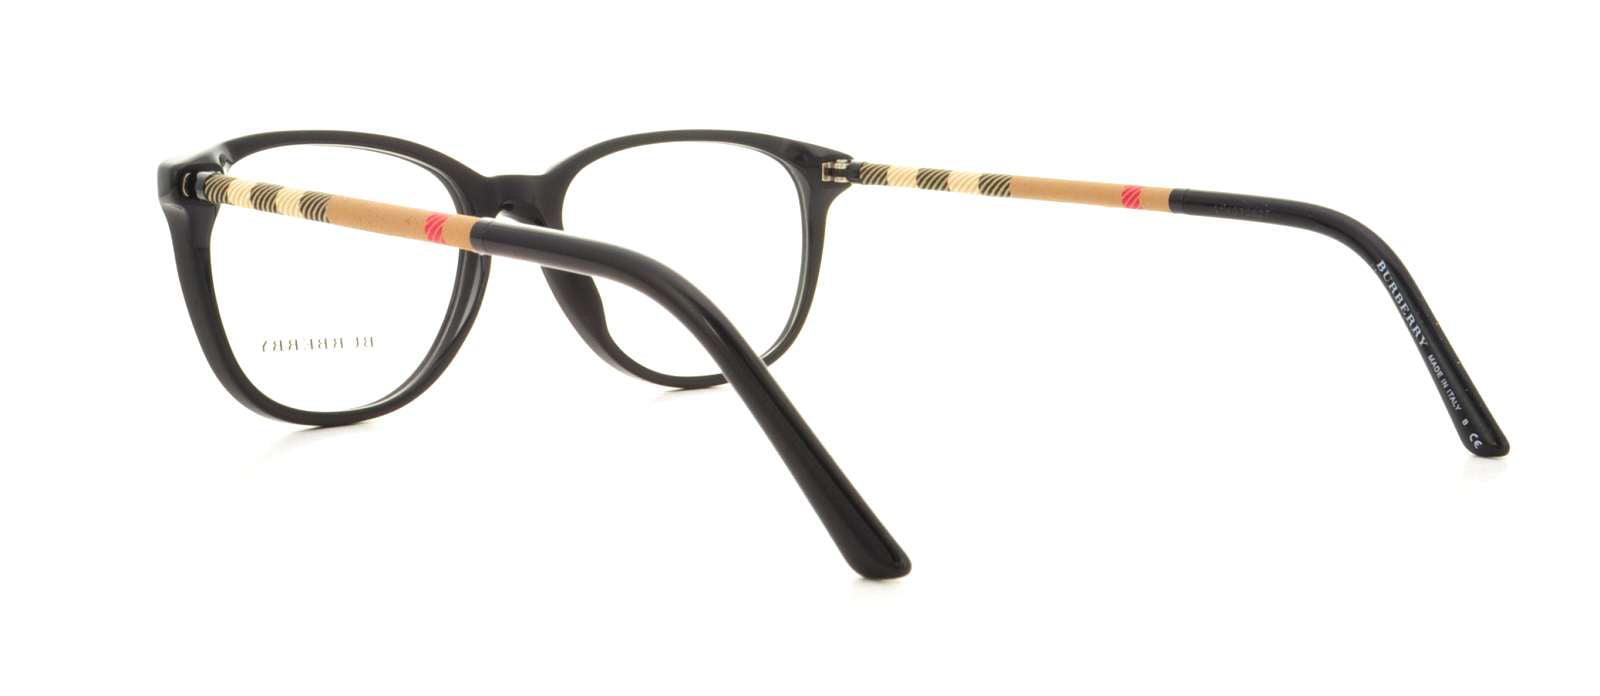 67a27524e45 BURBERRY Eyeglasses BE2112 3001 Black 50MM - Walmart.com